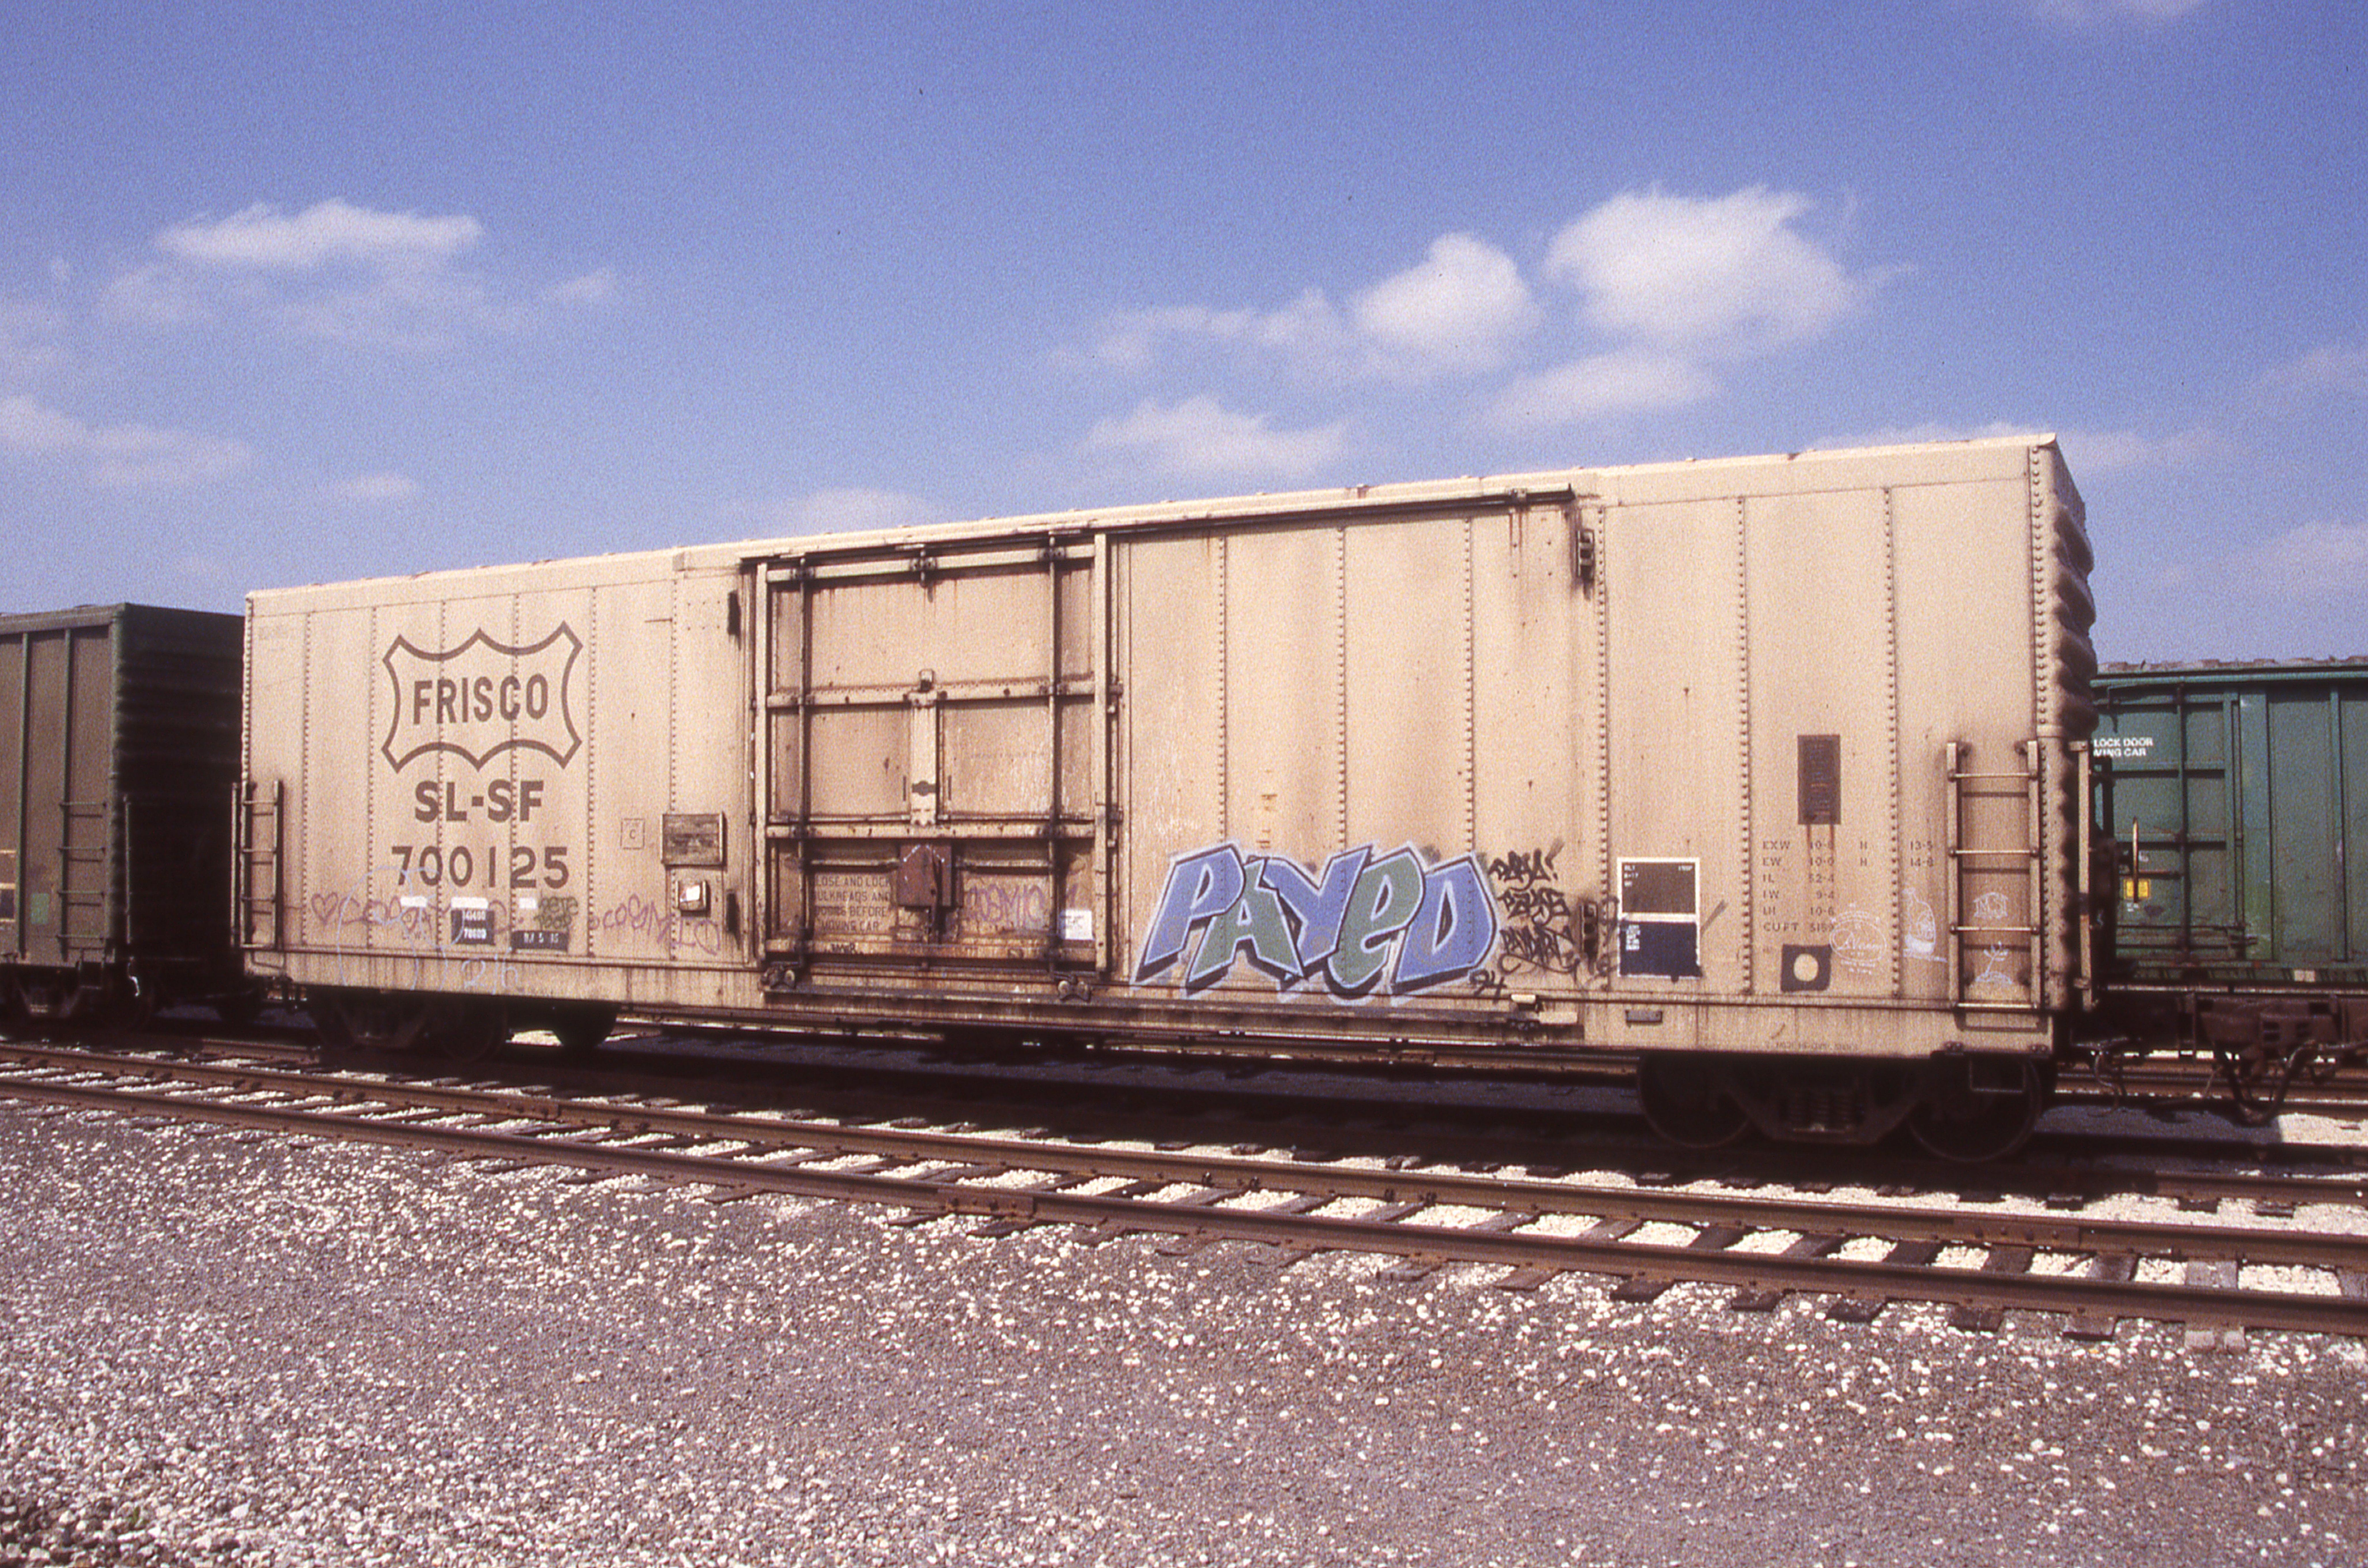 Boxcar 700125 at Topeka, Kansas on April 5, 1998 (R.R. Taylor)